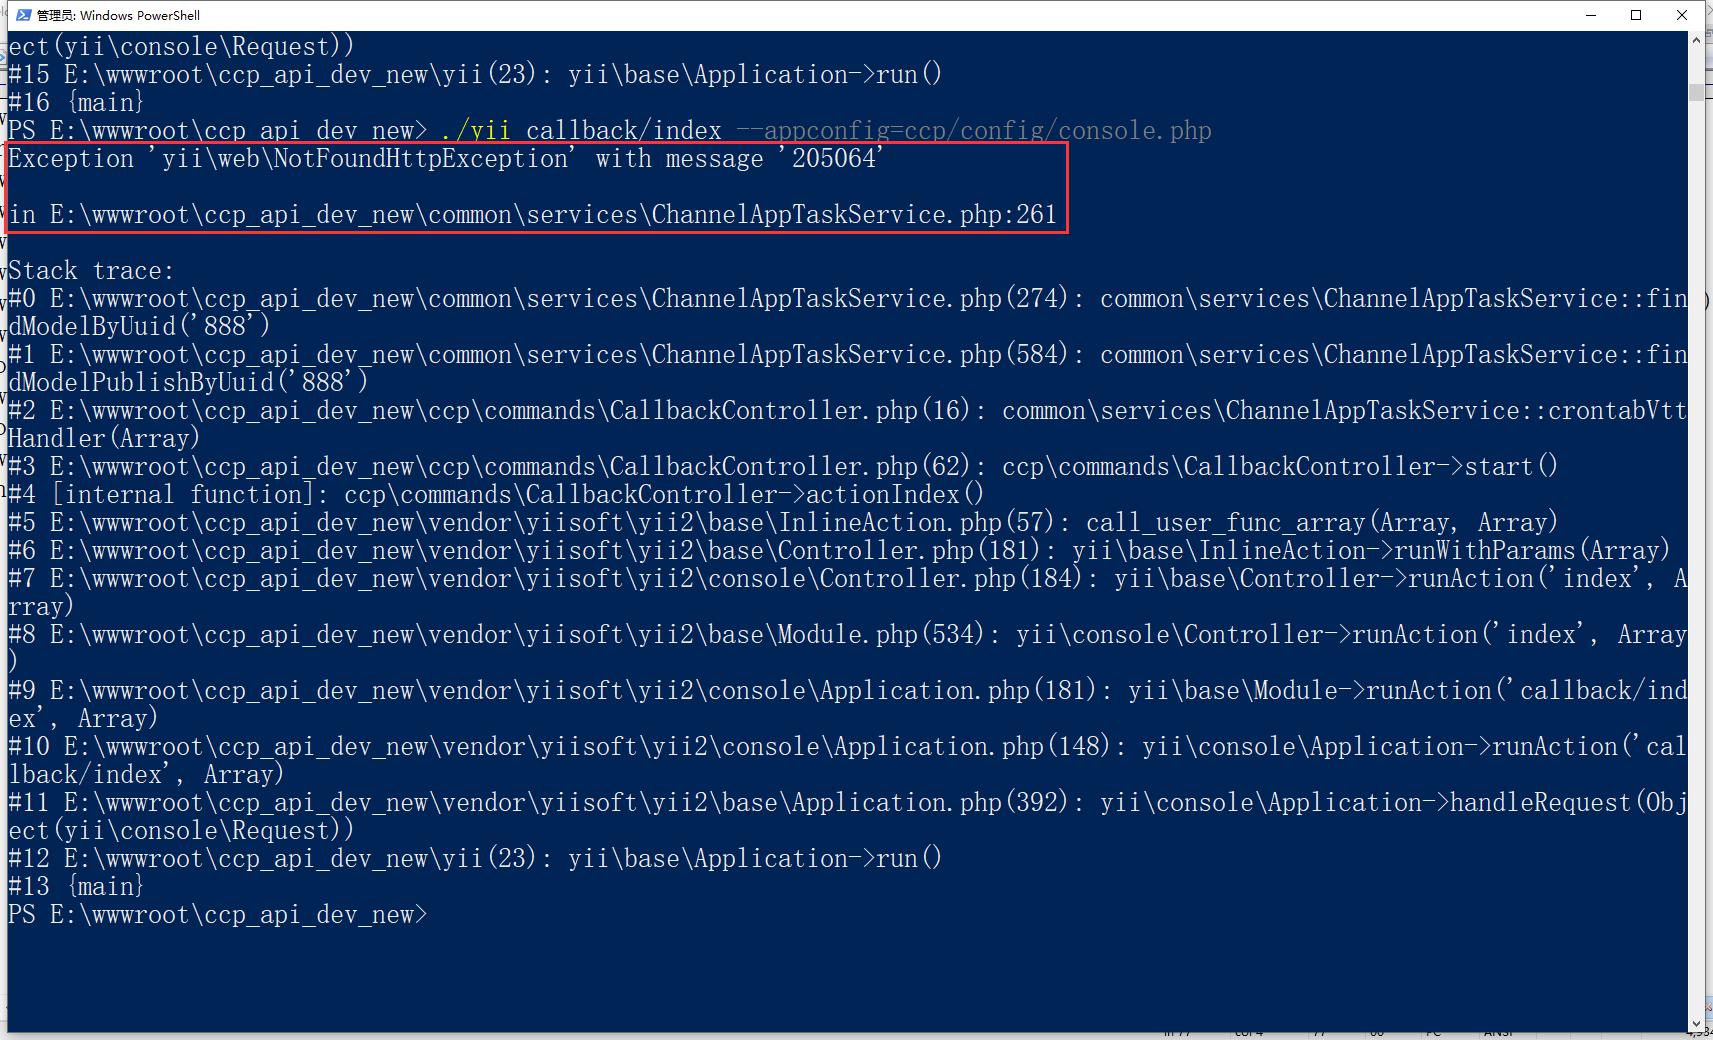 再次运行命令行,报错:Exception 'yii\web\NotFoundHttpException' with message '205064'。